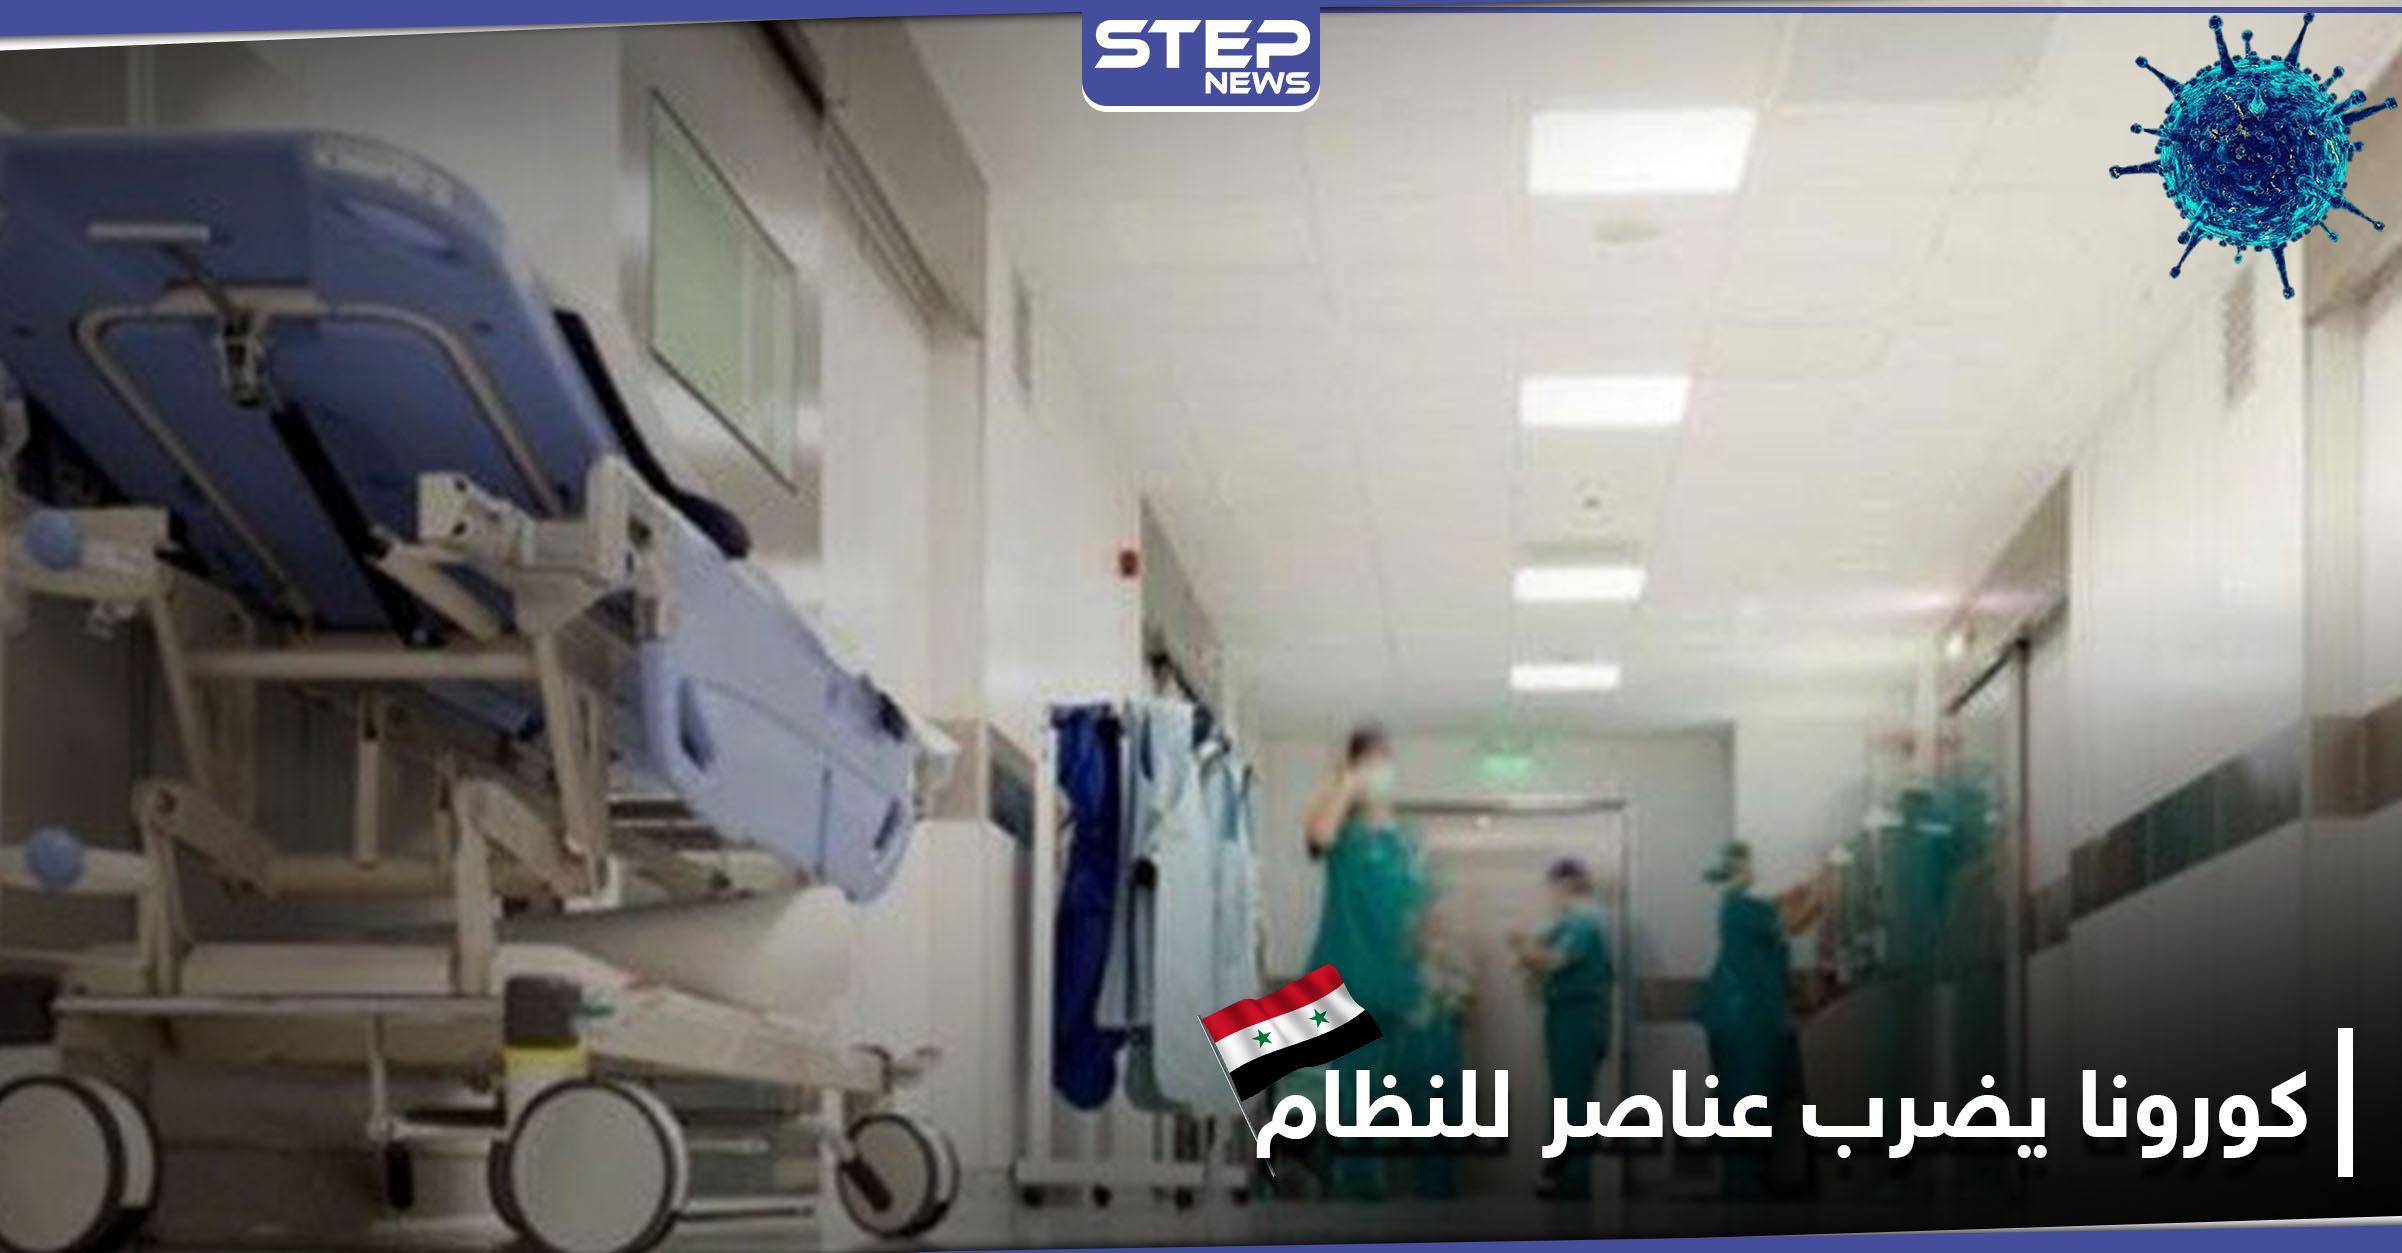 كورونا يضرب مقرات عسكرية للنظام السوري